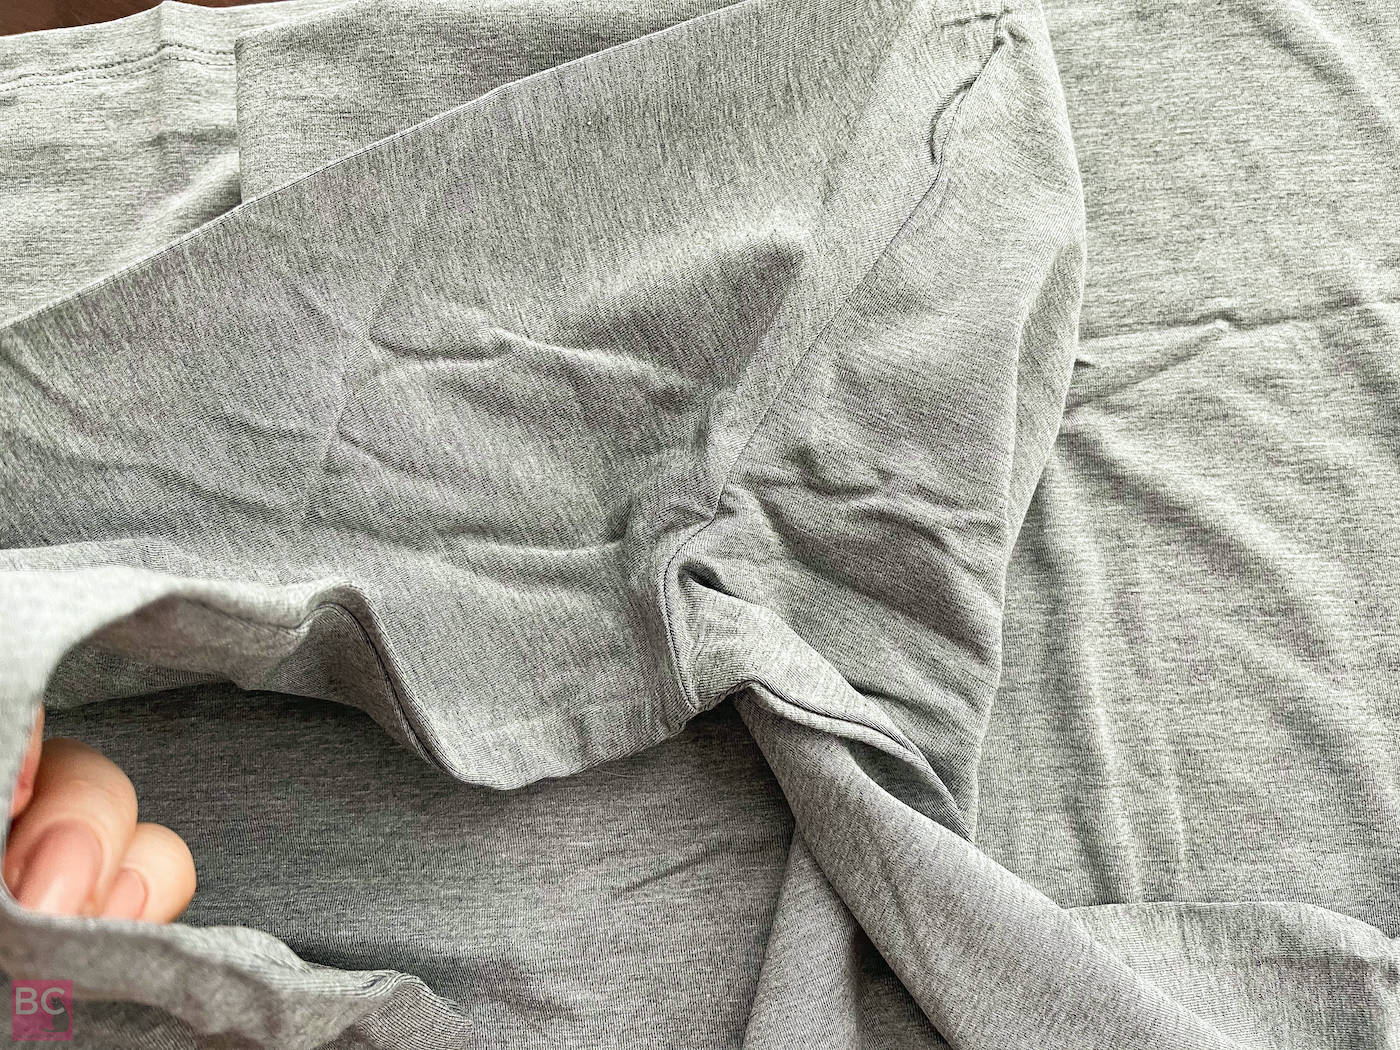 The Mia Shirt Les Lunes Erfahrungen Details Ärmel Achsel Nähte verarbeitet frisch ausgepackt